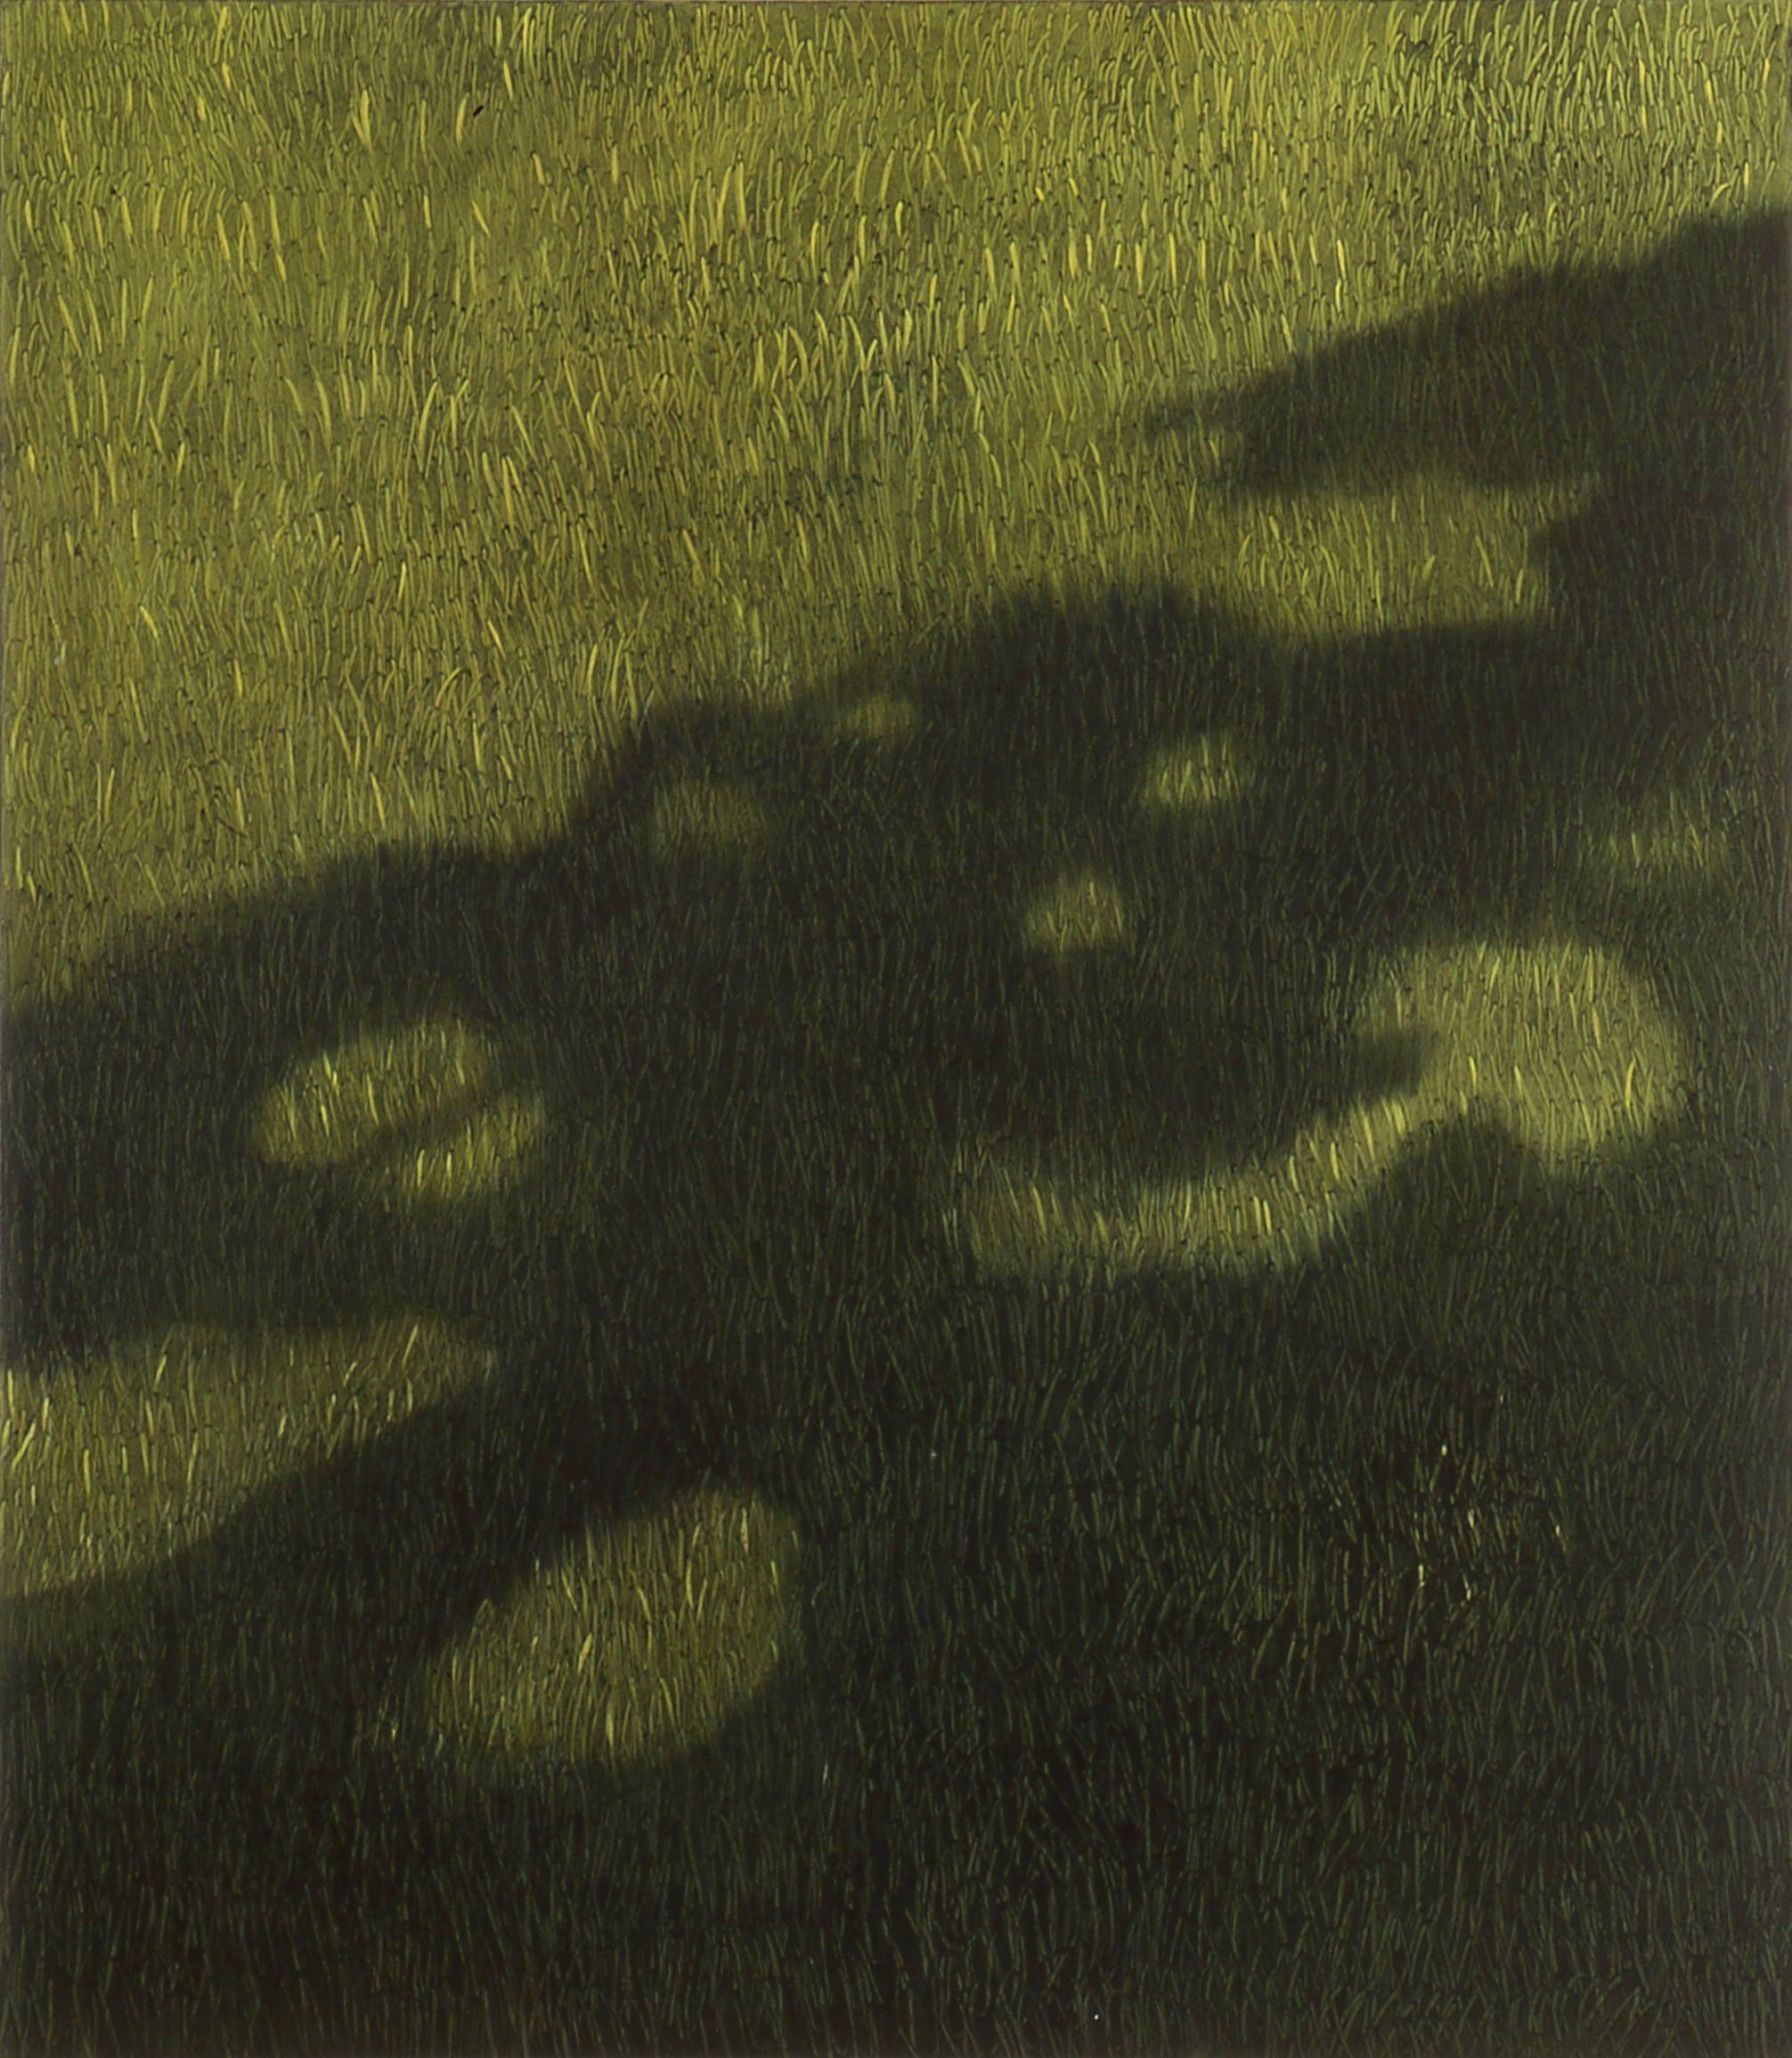 Gress med lys og skygge  170x150cm opl 2000